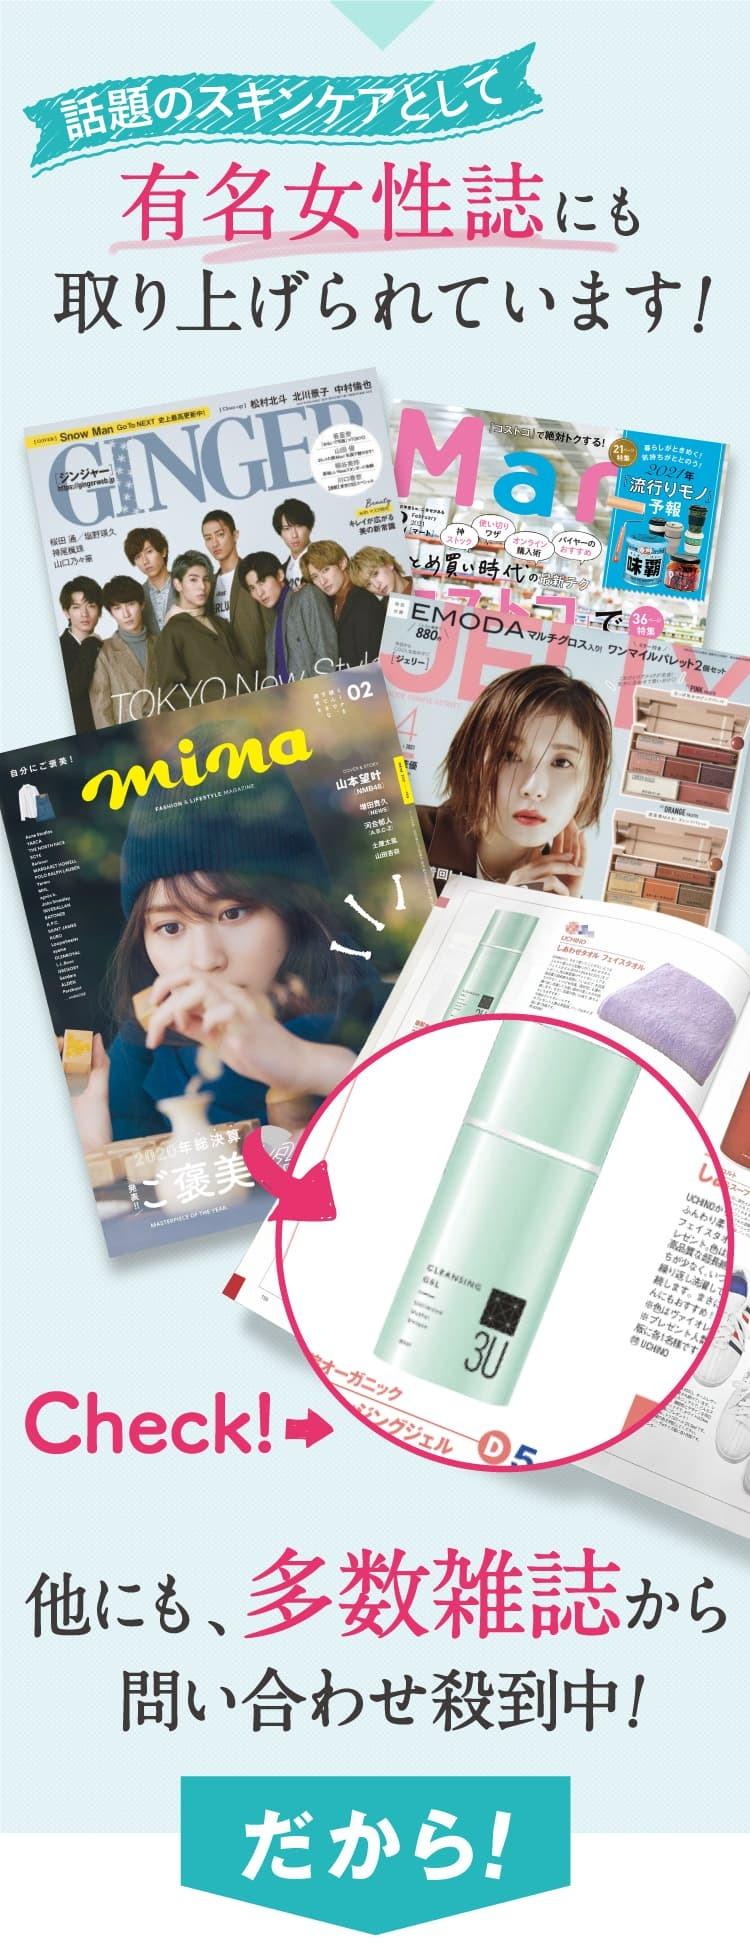 雑誌でも取り上げられてます。